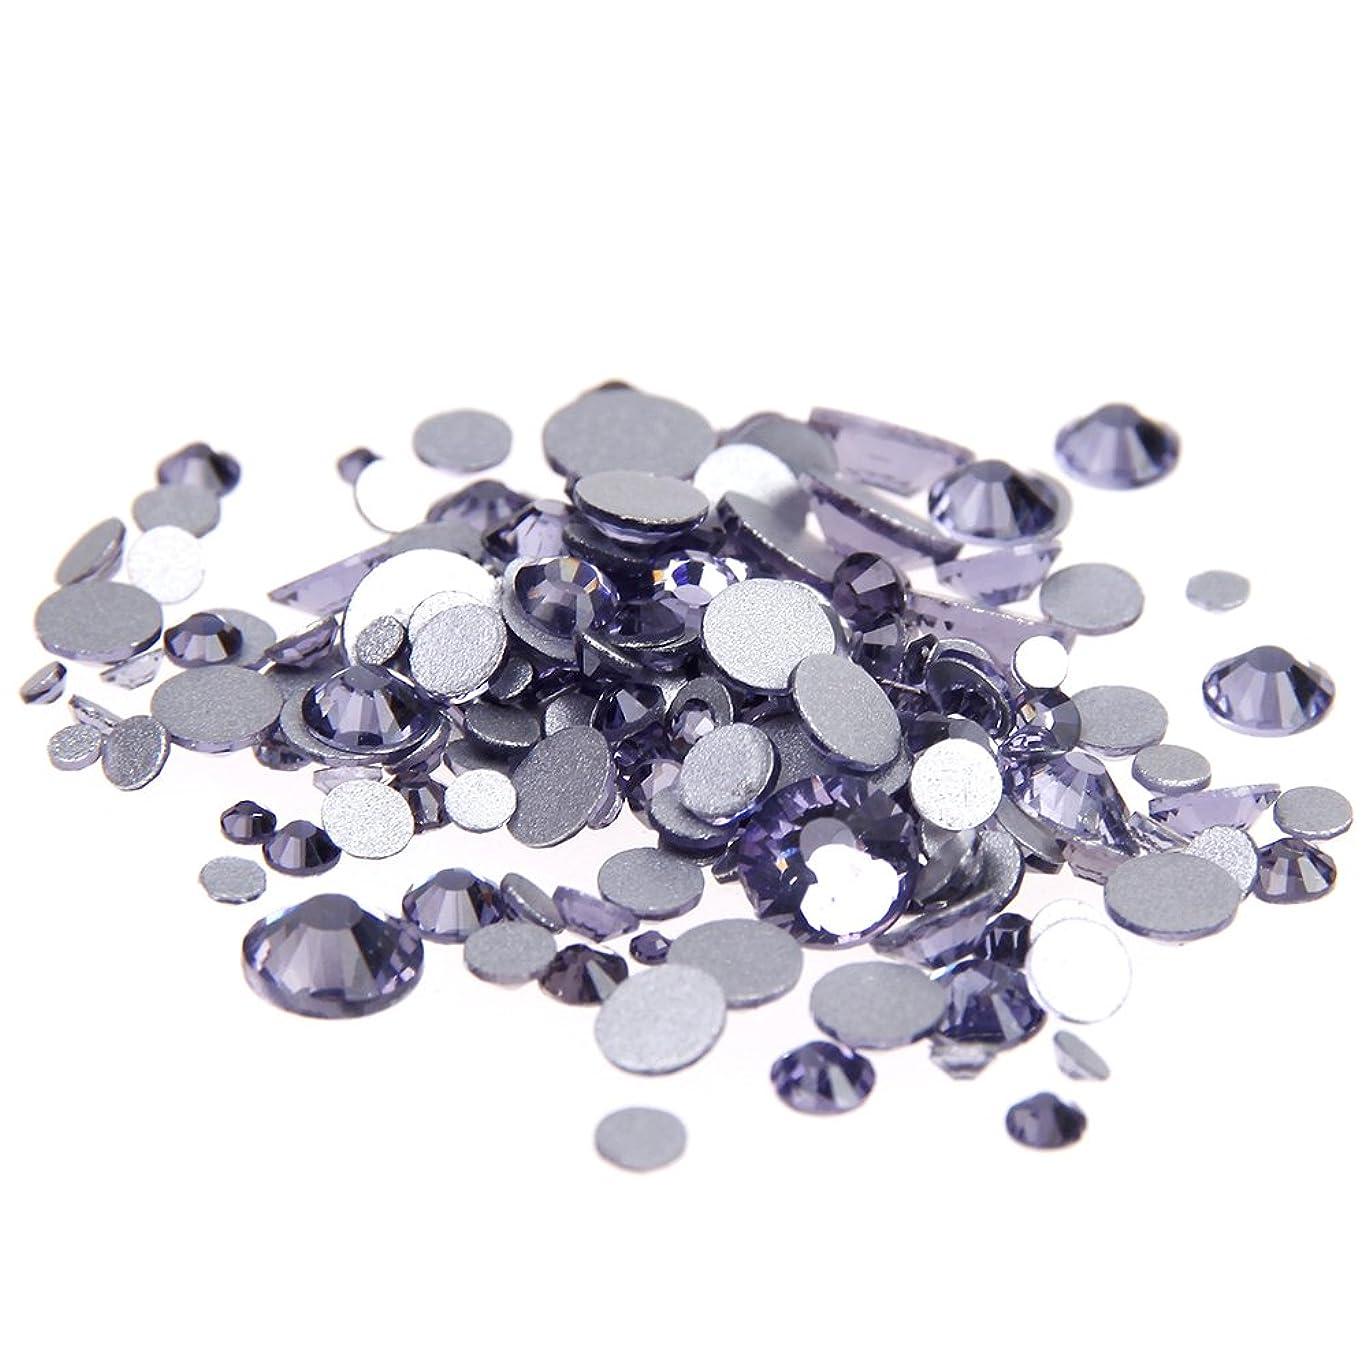 本体ギャングスター生産的Nizi ジュエリー ブランド タンザナイト ラインストーン は ガラスの材質 ネイル使用 型番ss3-ss34 (SS3 1440pcs)